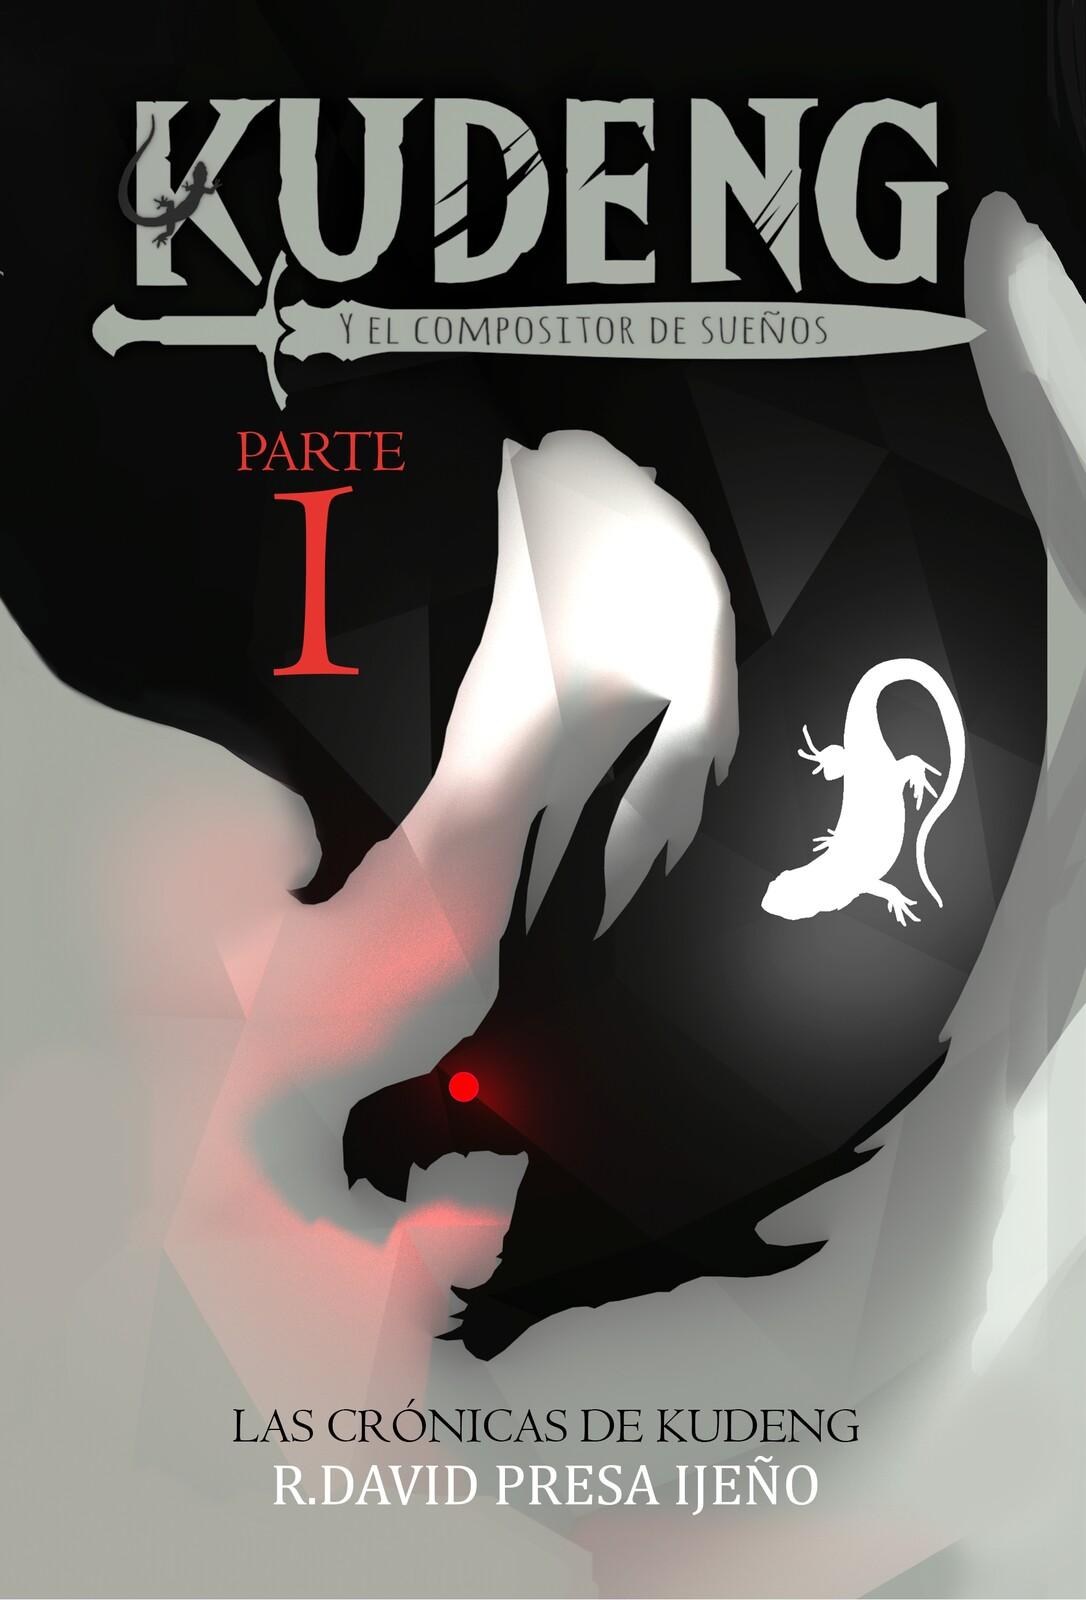 Las crónicas de Kudeng. Libro 3: Kudeng y el compositor de sueños (Parte 1): https://www.amazon.es/Kudeng-compositor-sue%C3%B1os-PARTE-cr%C3%B3nicas-ebook/dp/B08CHNHRZQ/ref=sr_1_3?__mk_es_ES=%C3%85M%C3  Cover concept by: https://jvidaldraw.artstation.com/